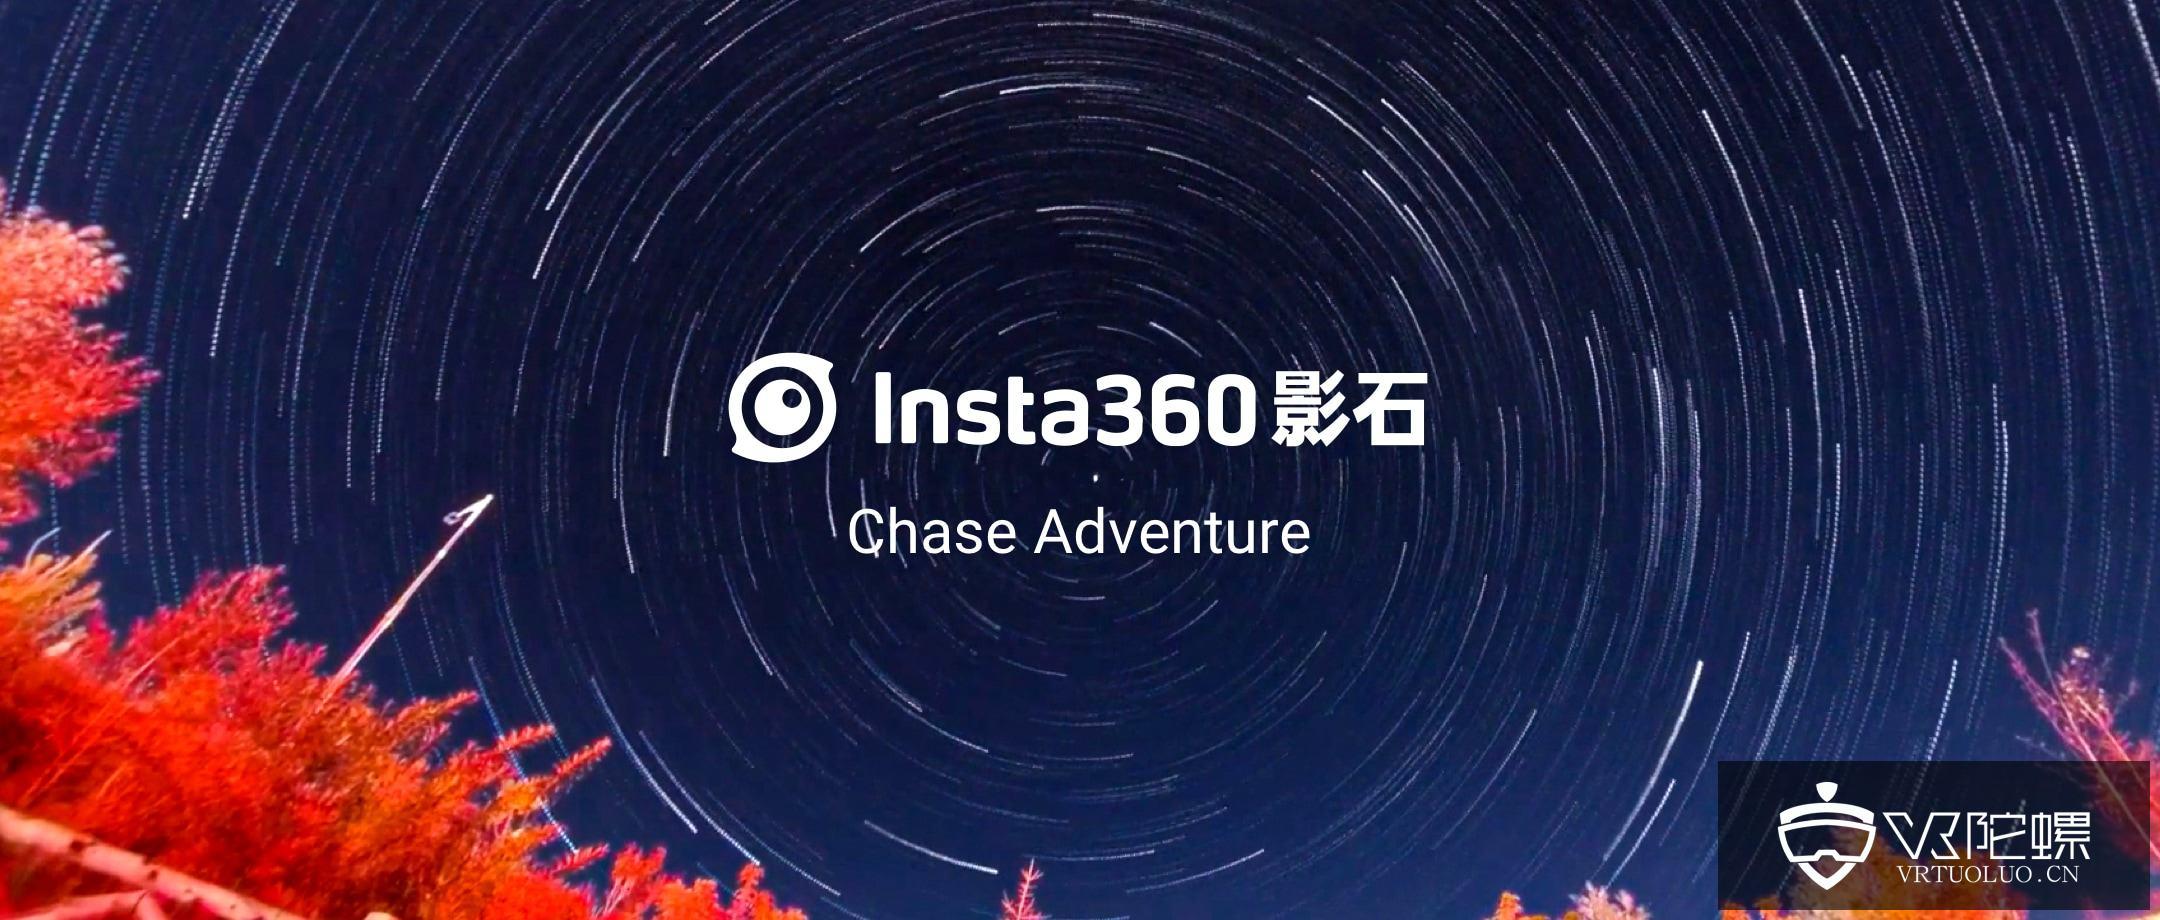 全景运动相机品牌Insta360影石拟A股挂牌上市